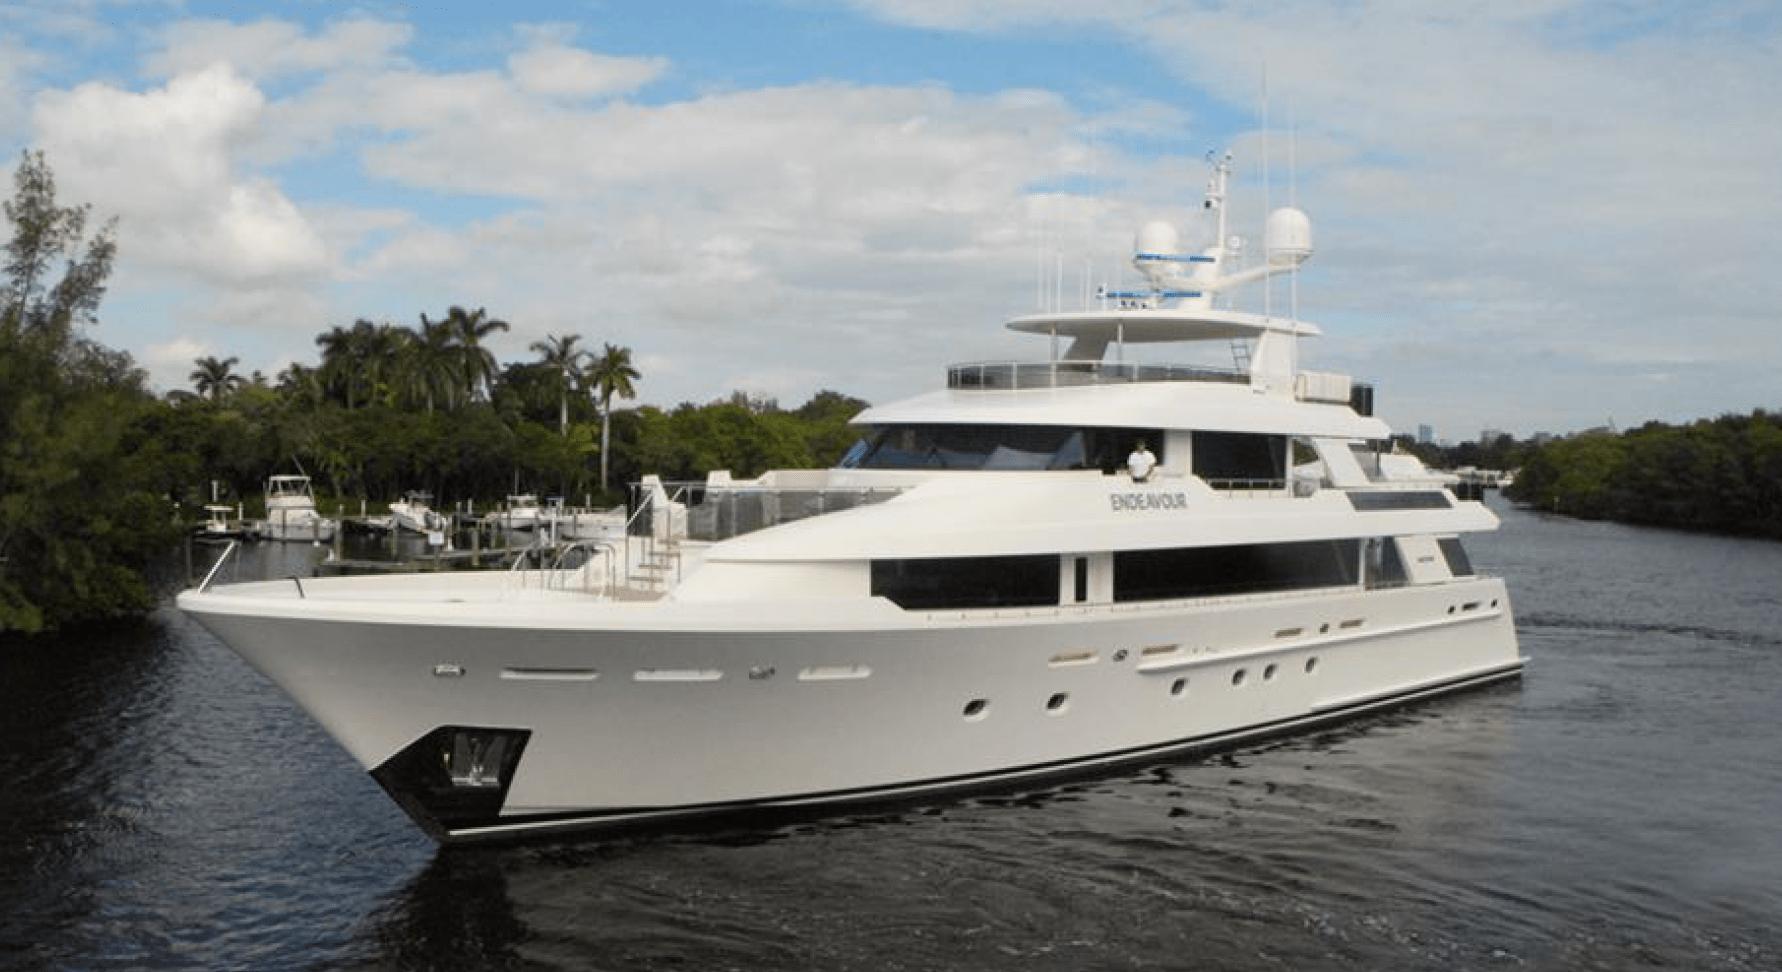 An Endeavour yacht